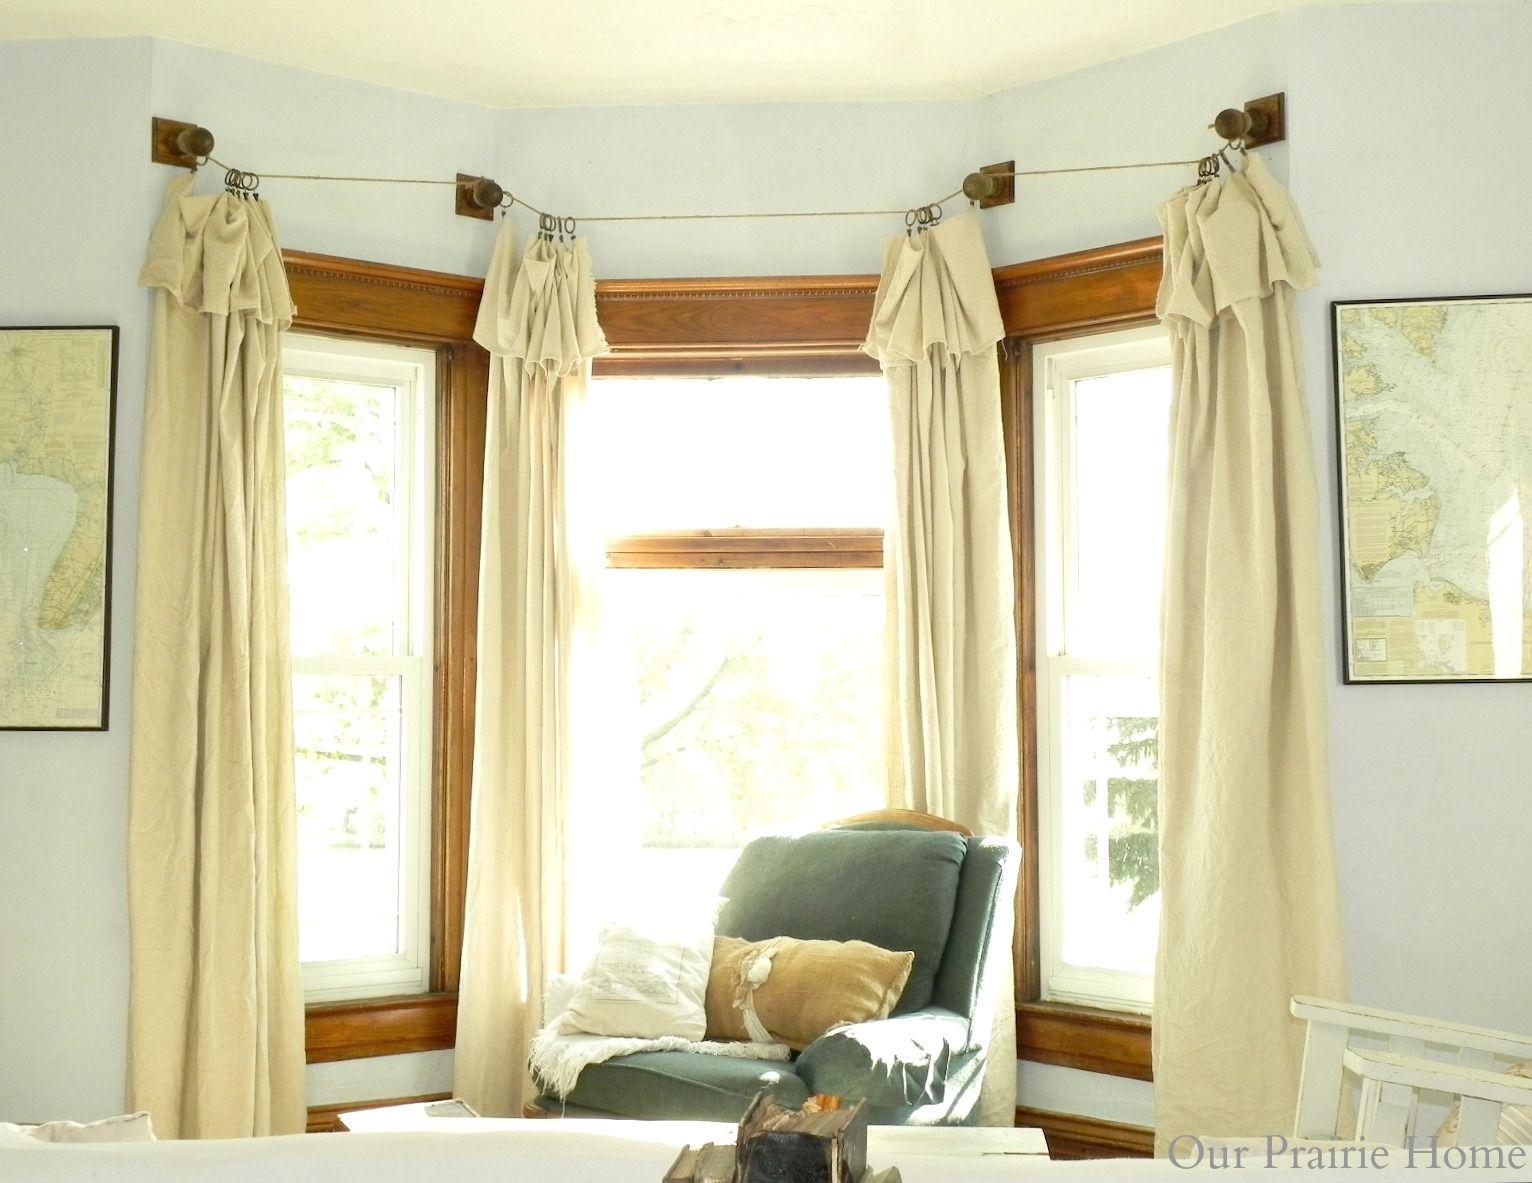 Drop Cloth Curtains Tutorial Our Prairie Home Window Facelift Cheap Easy Tutorial Drop